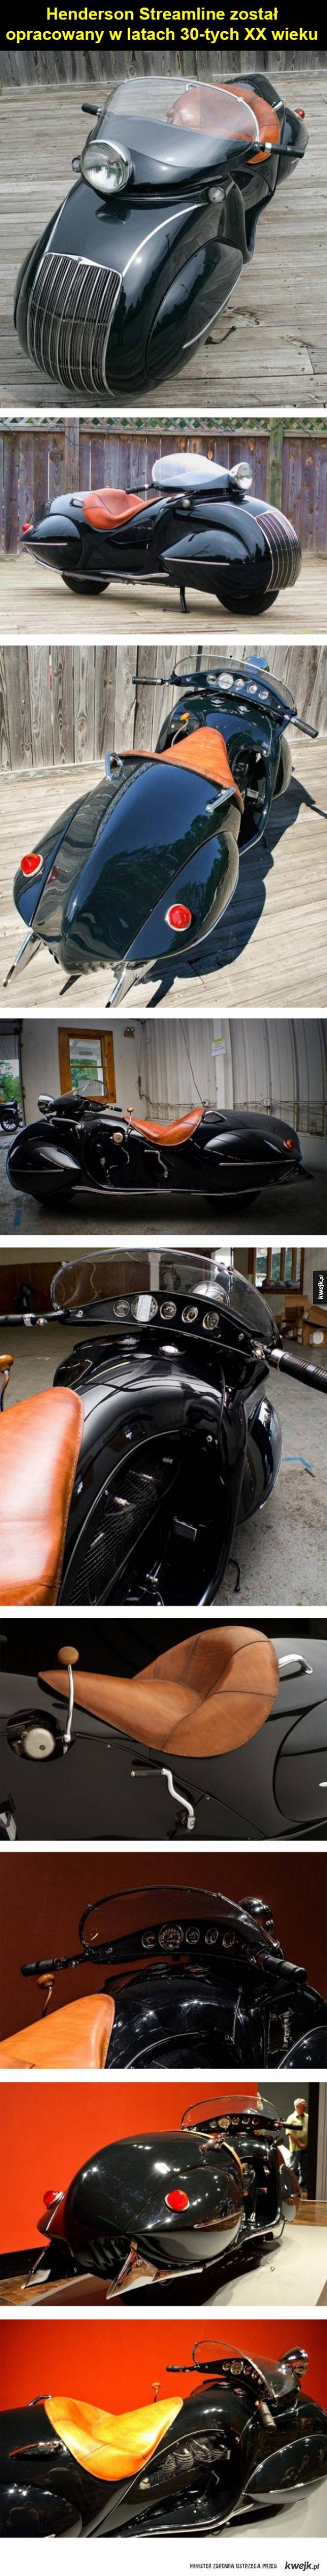 Najfajniejszy motocykl